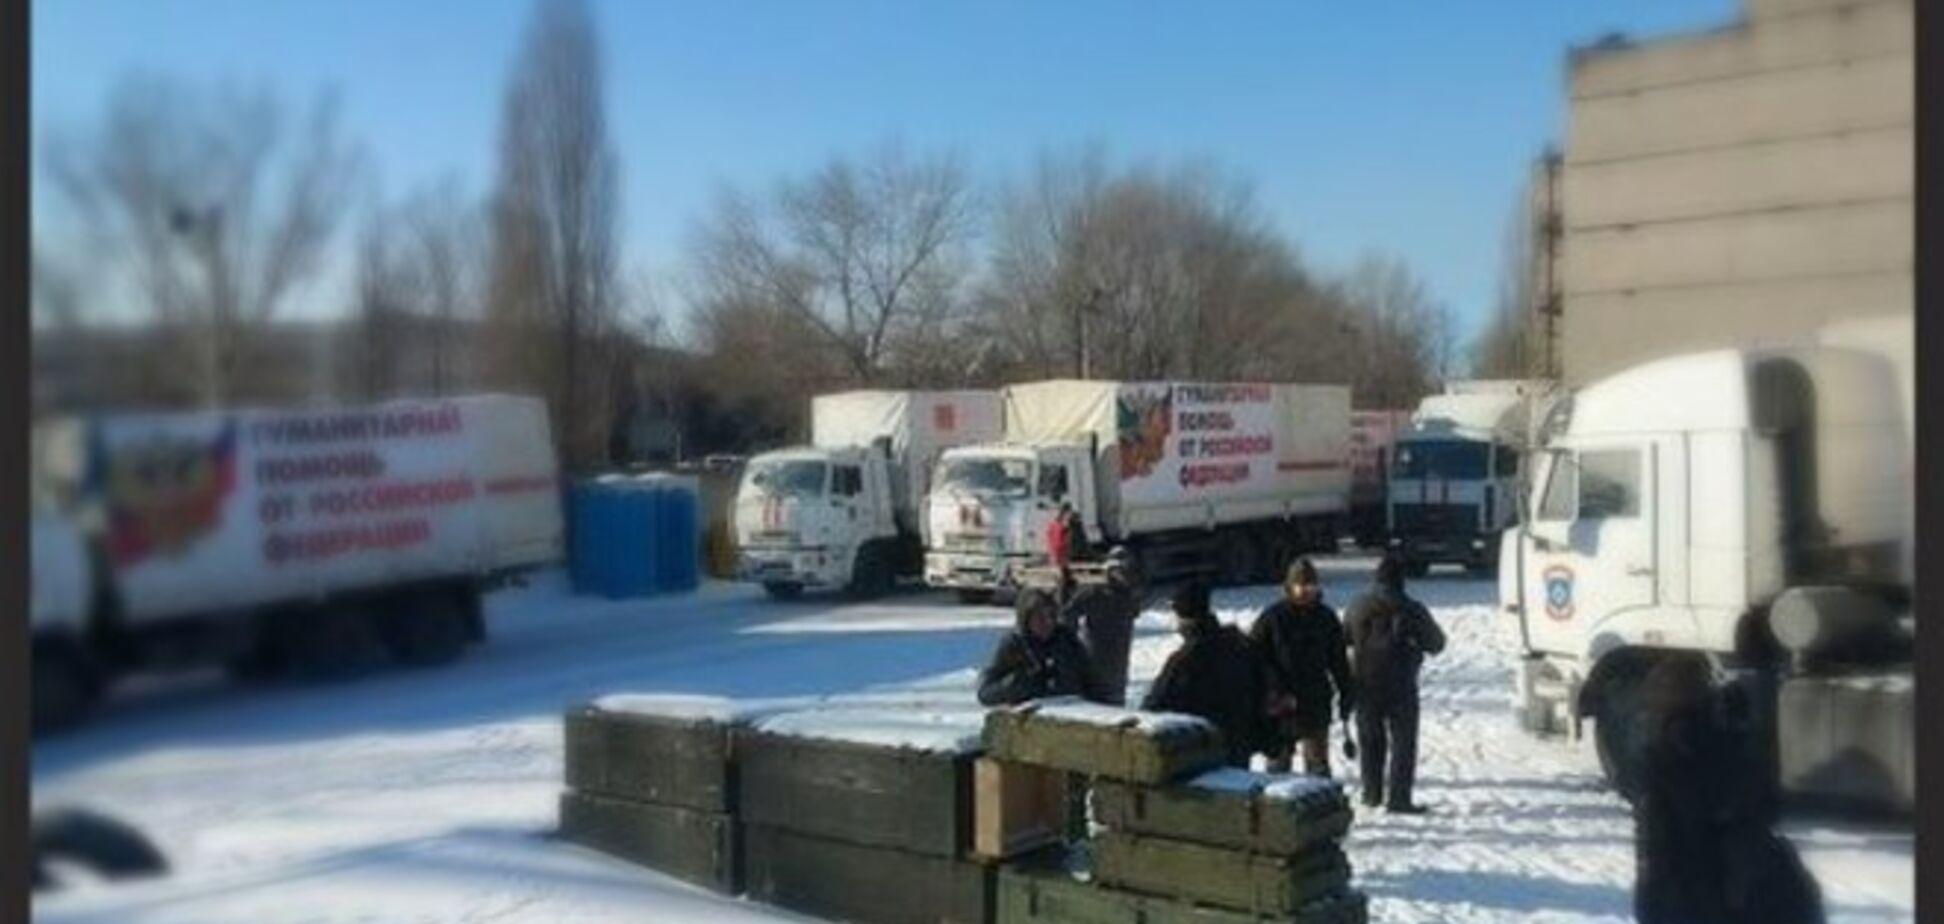 Во вторник на Донбасс отправится 15-й путинский 'гумконвой': боевикам привезут 'жизненно необходимые' вещи